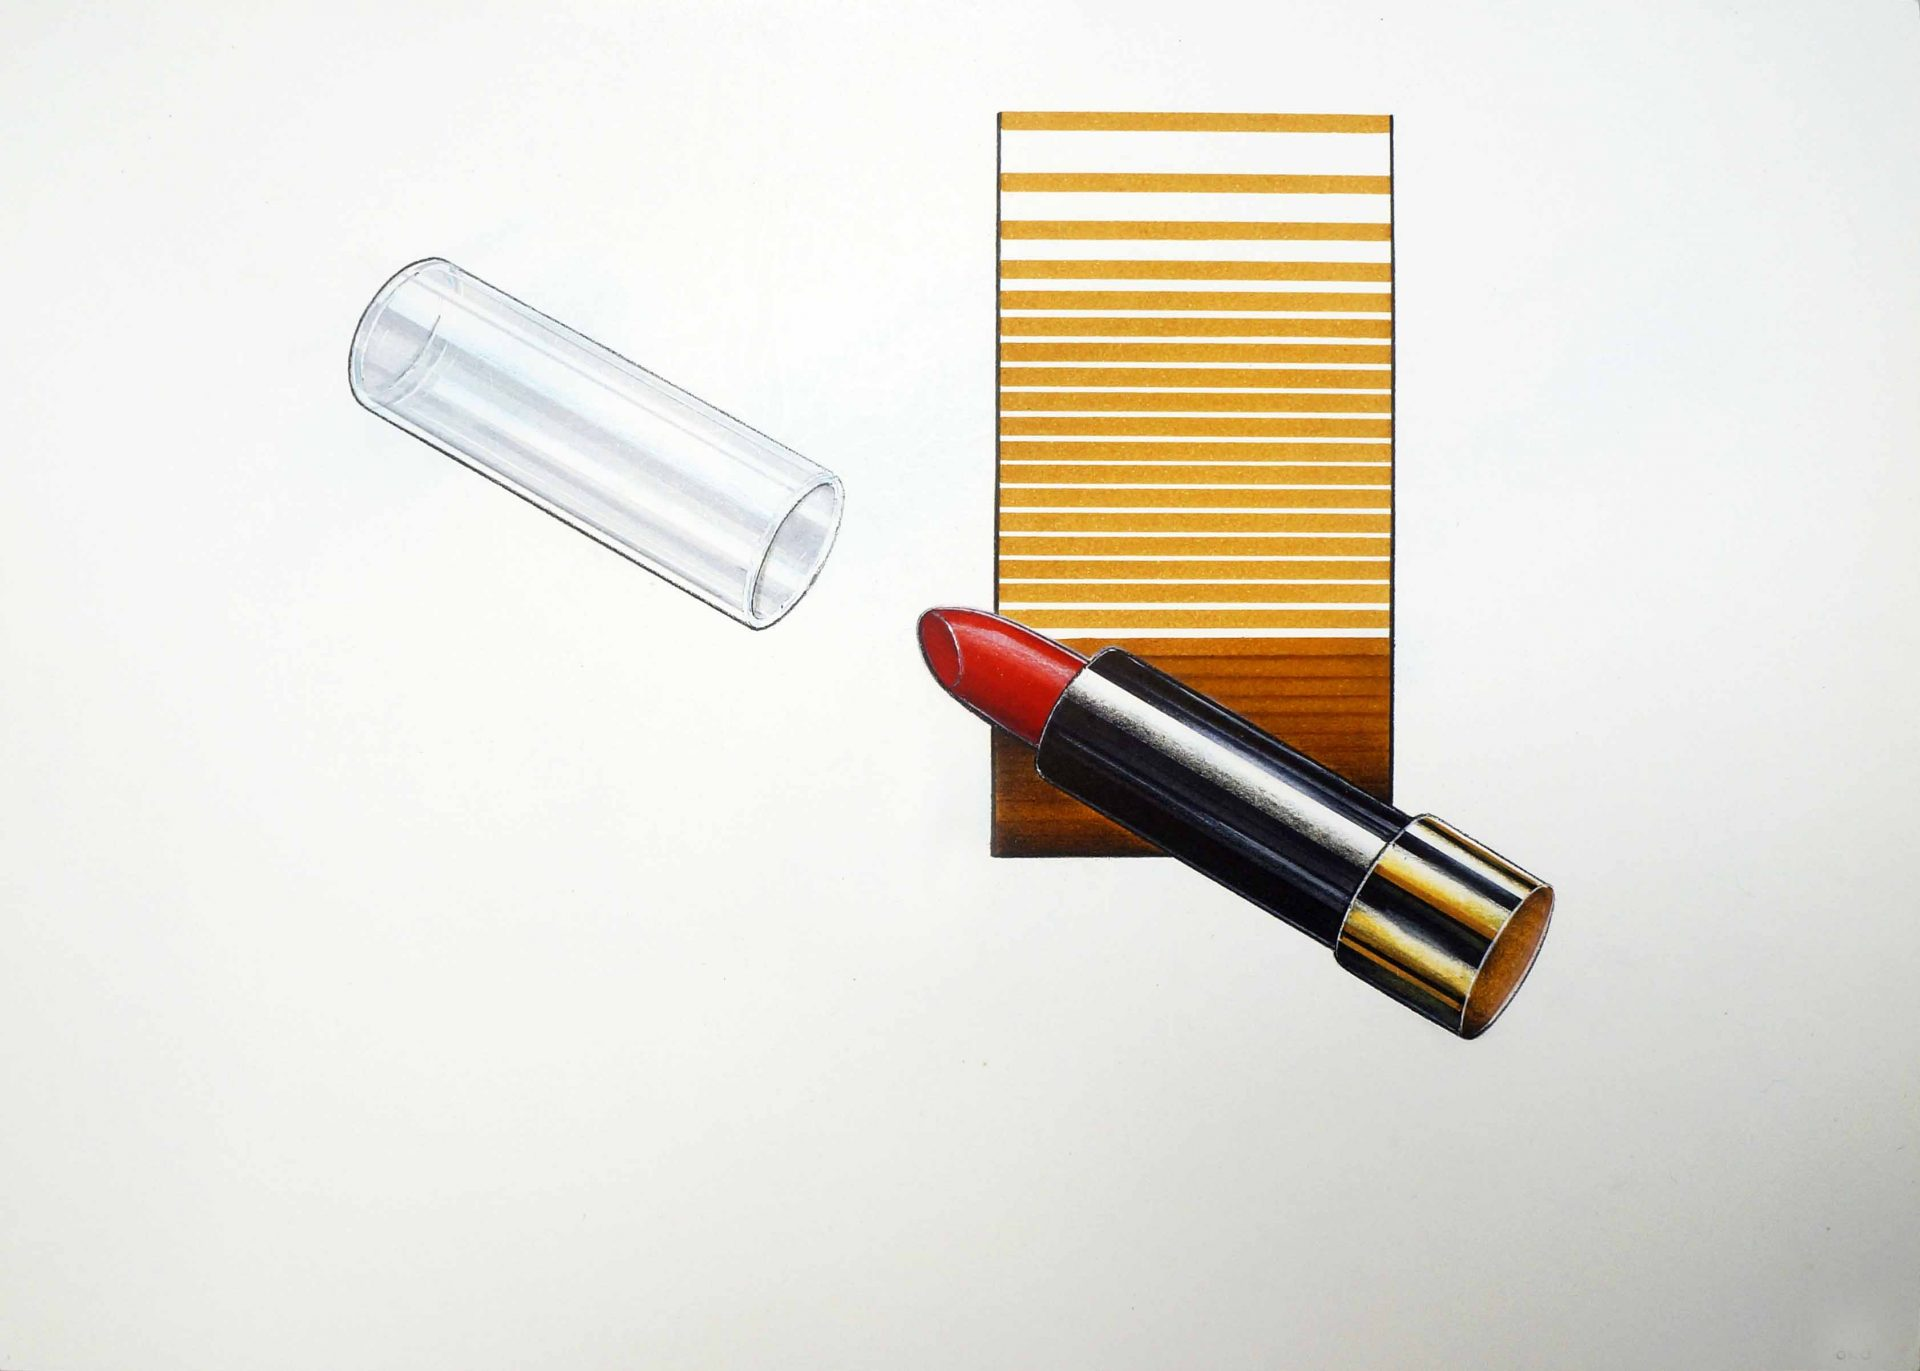 Ilustração com técnica mista (rotuladores, giz pastel seco, guache, nanquim e lápis dermatográfico)